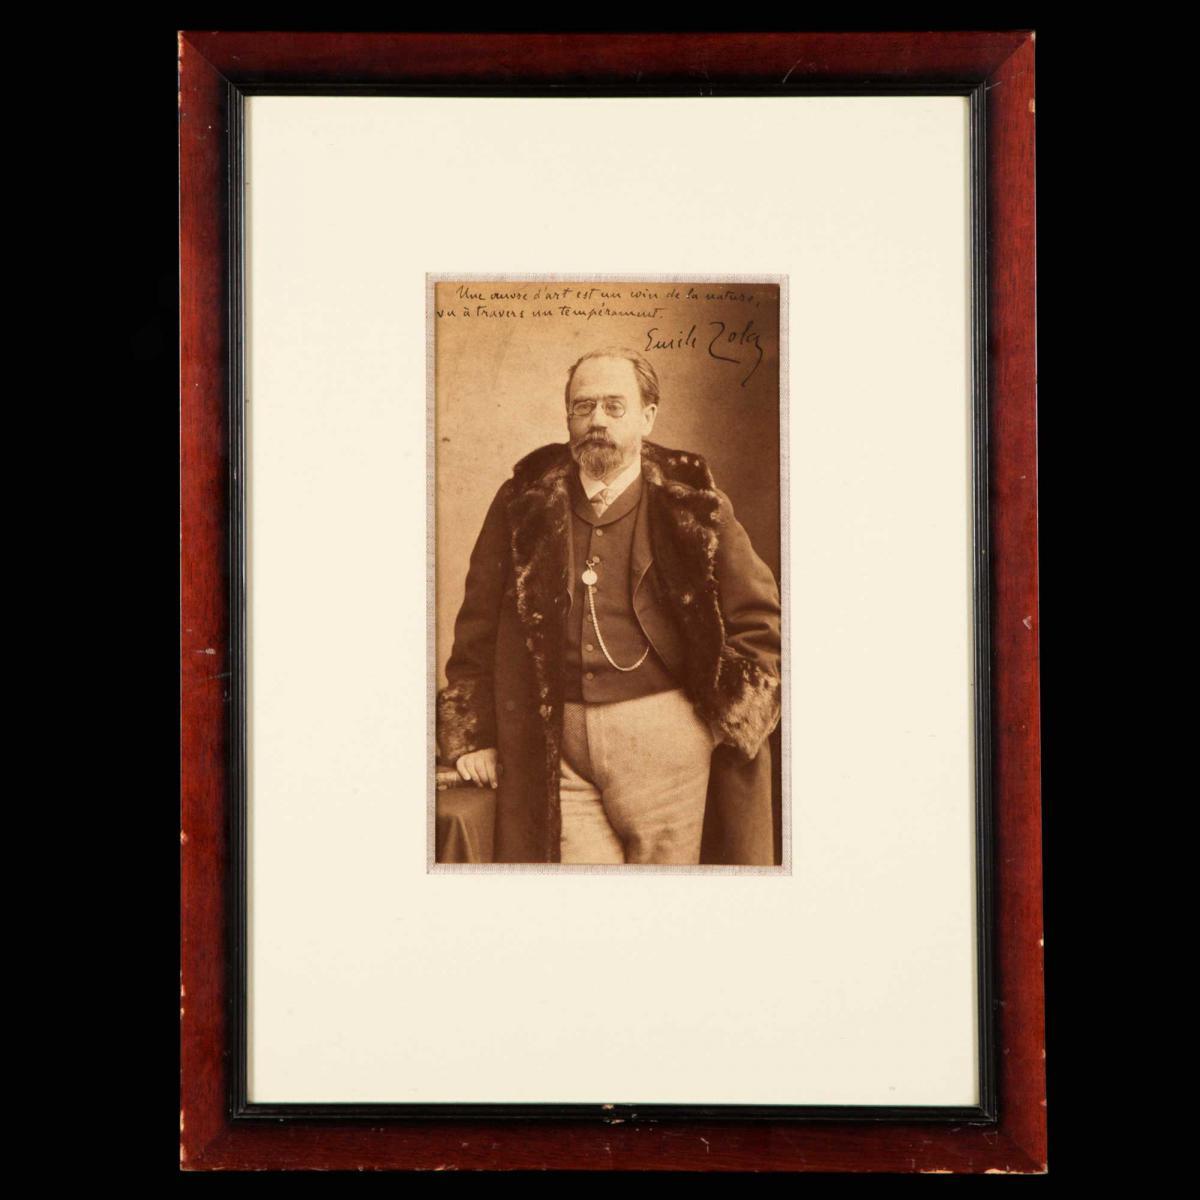 Nadar (1820-1910), Portrait d'Émile Zola, XIXe